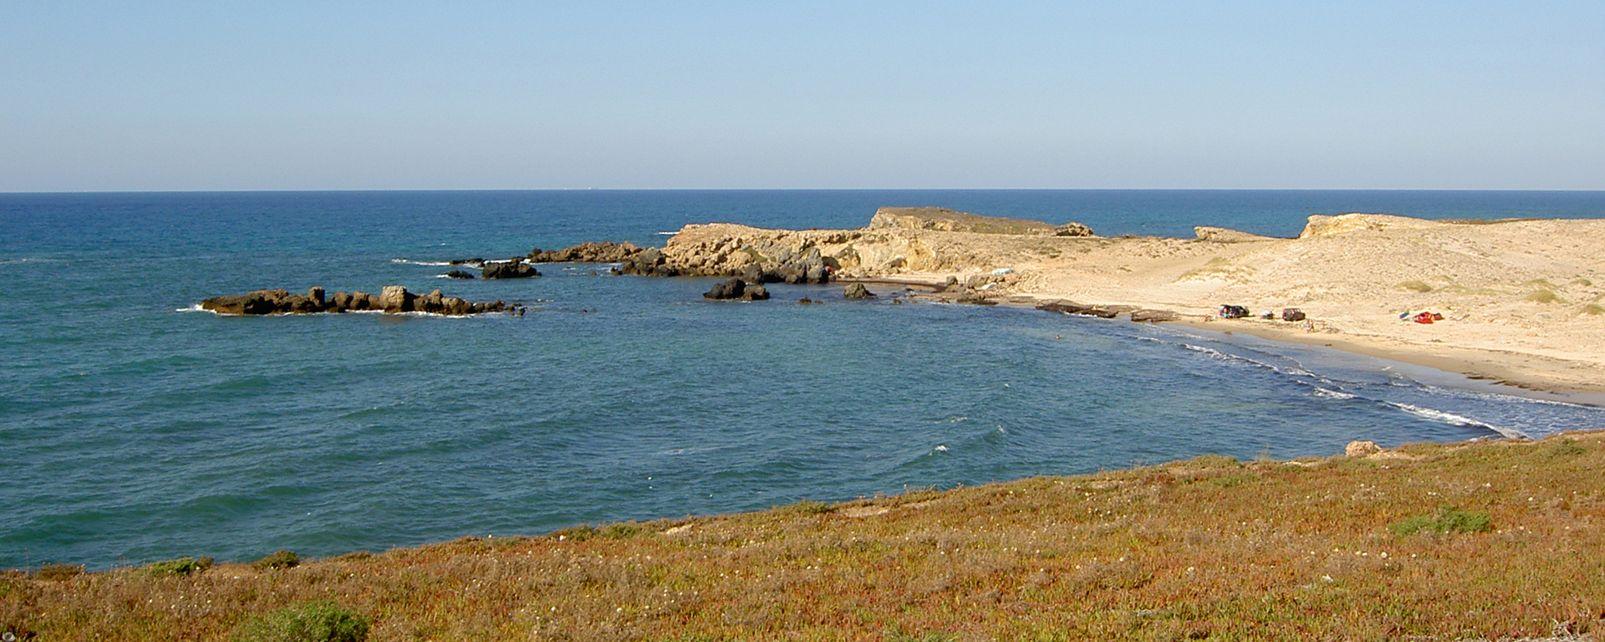 Les côtes, Cap Angela, Tunisie, Afrique, Maghreb, côte, cap, mer, méditerranée